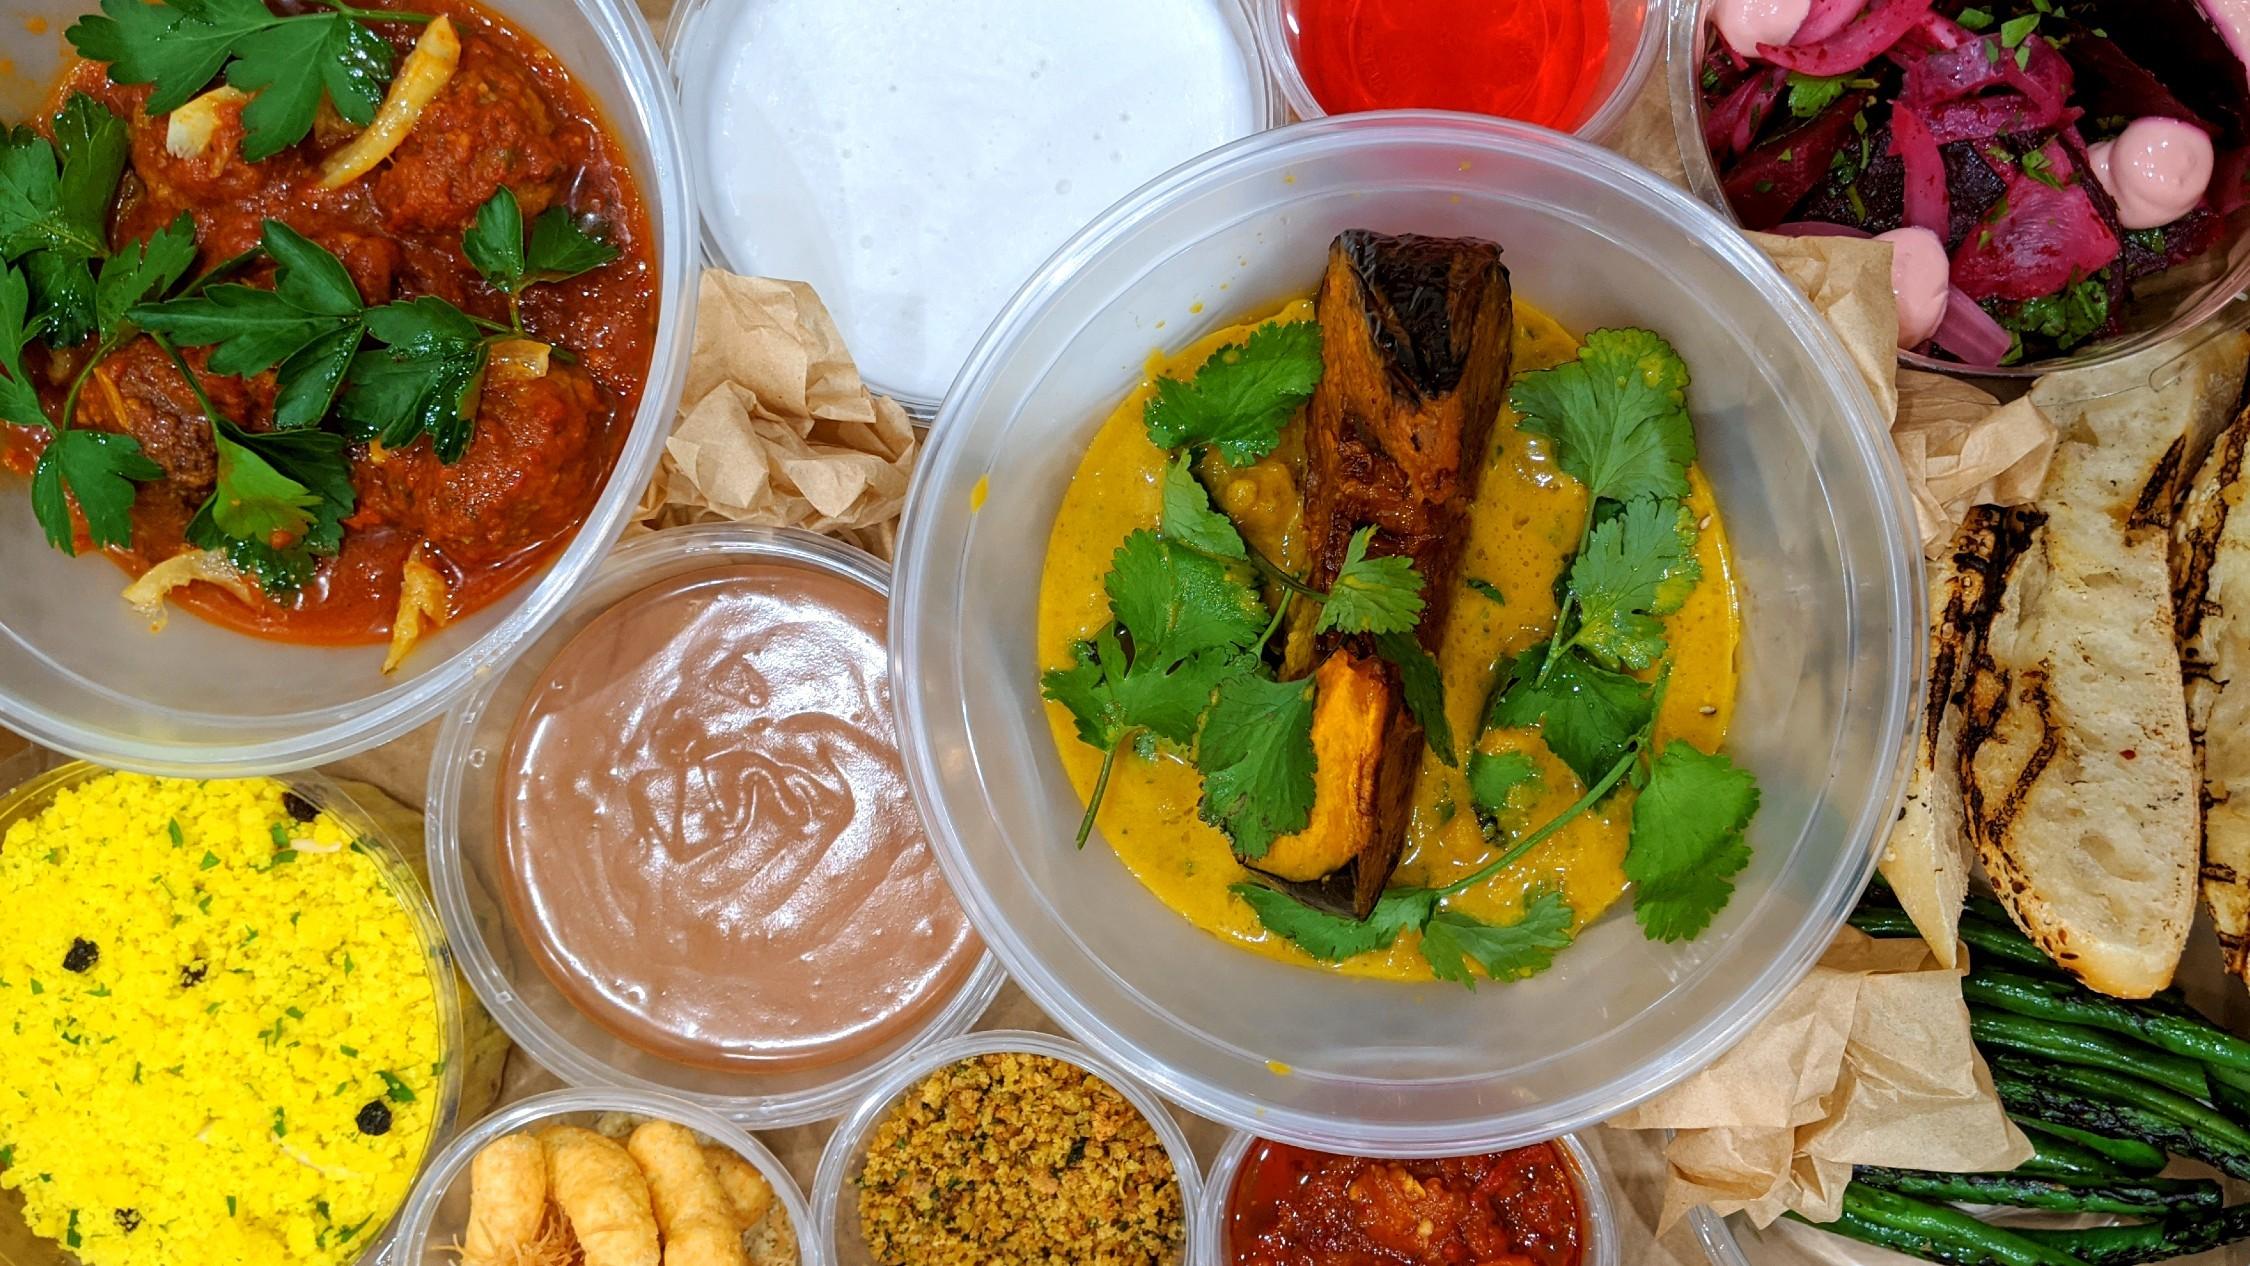 New Jaffa Rosh Hashanah meal